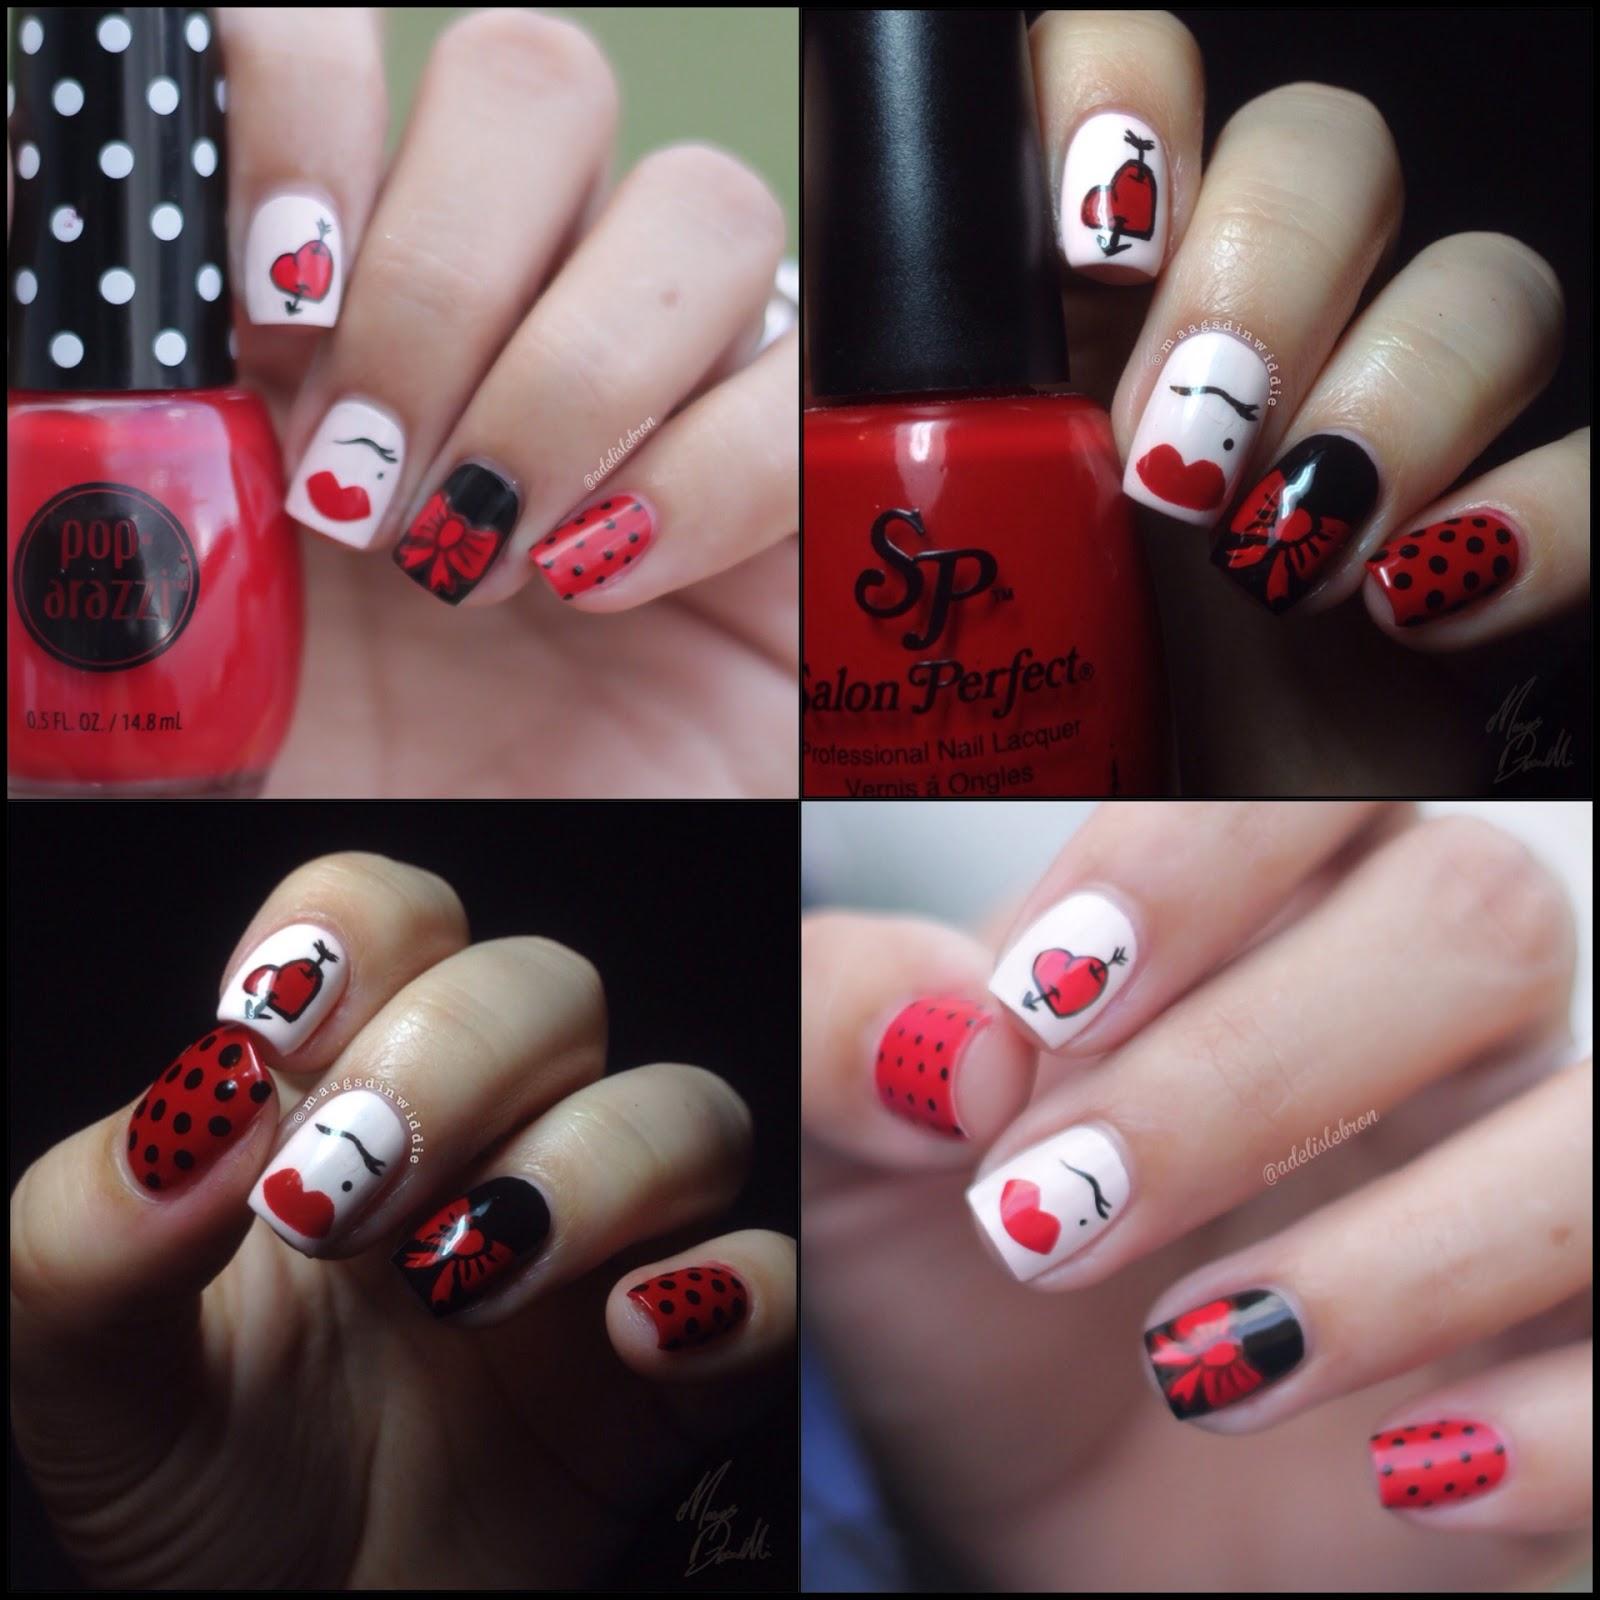 Adelis Lebron Nail Art Pin Up Girl Inspired Nail Art